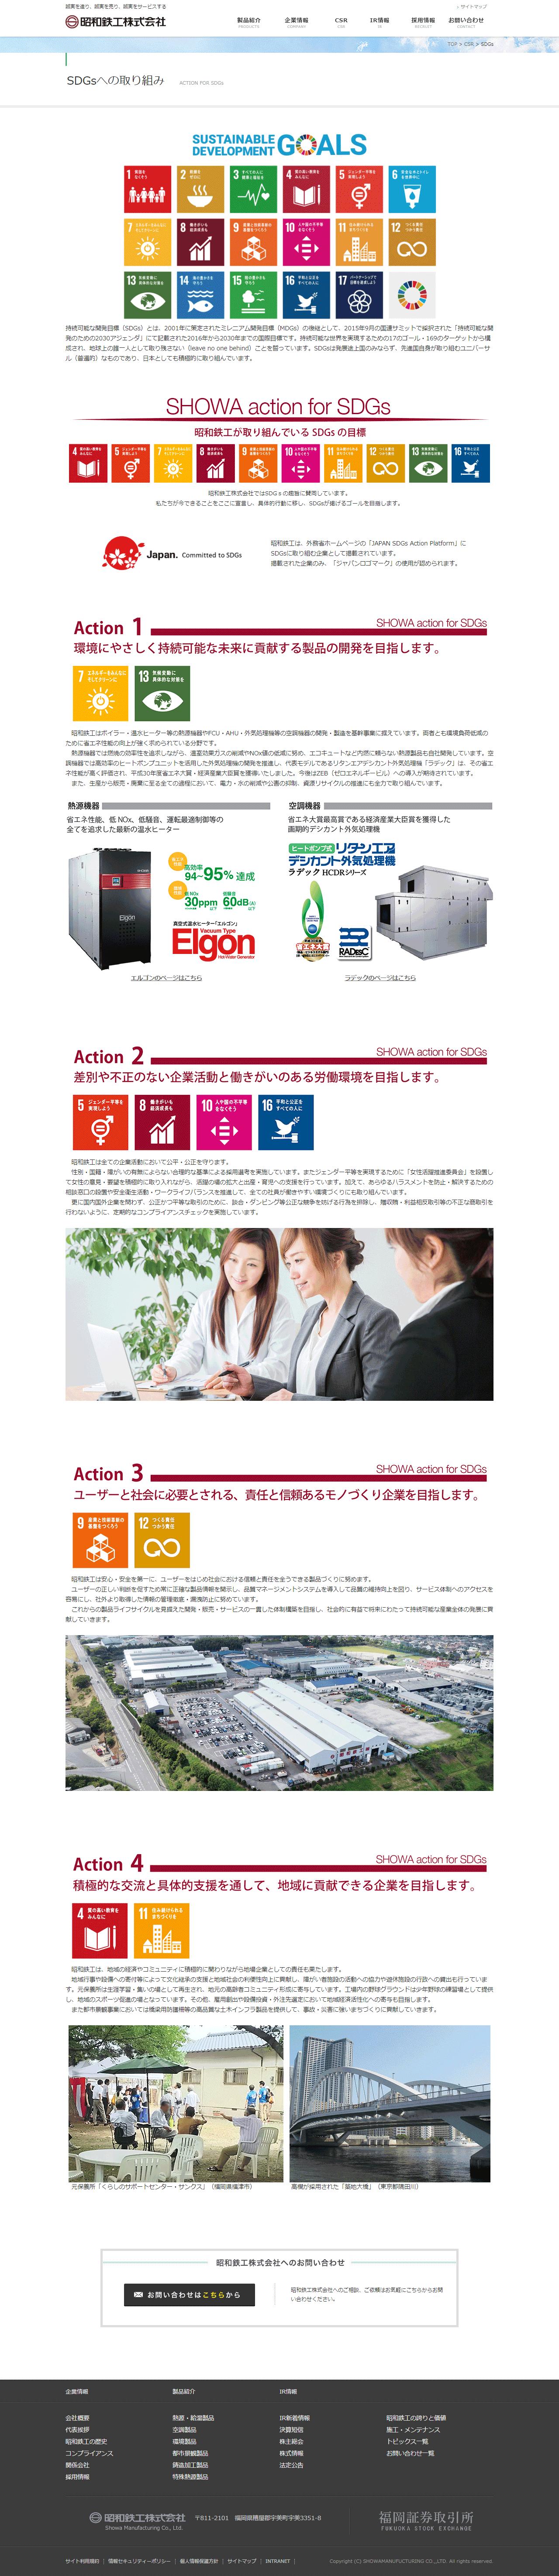 昭和鉄工株式会社